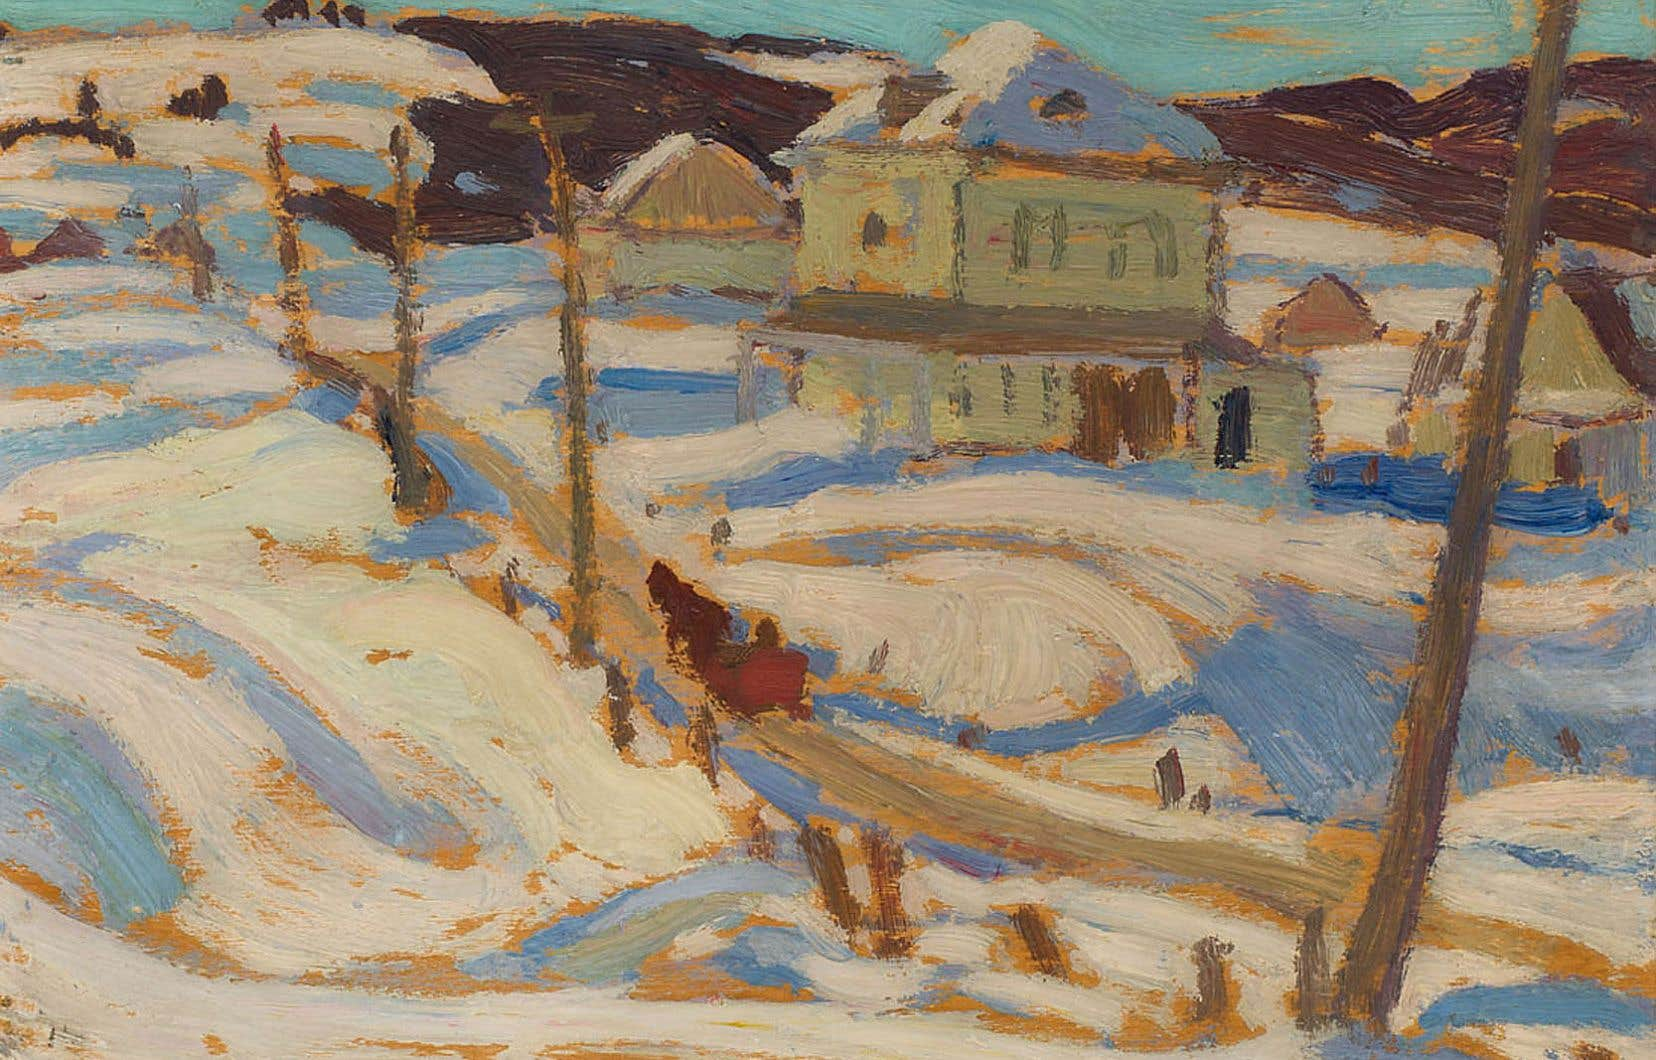 Le tableau intitulé «Quebec, Winter», du peintre montréalais A.Y. Jackson, sera mis aux enchères à la fin mai par le Musée des beaux-arts de l'Ontario.